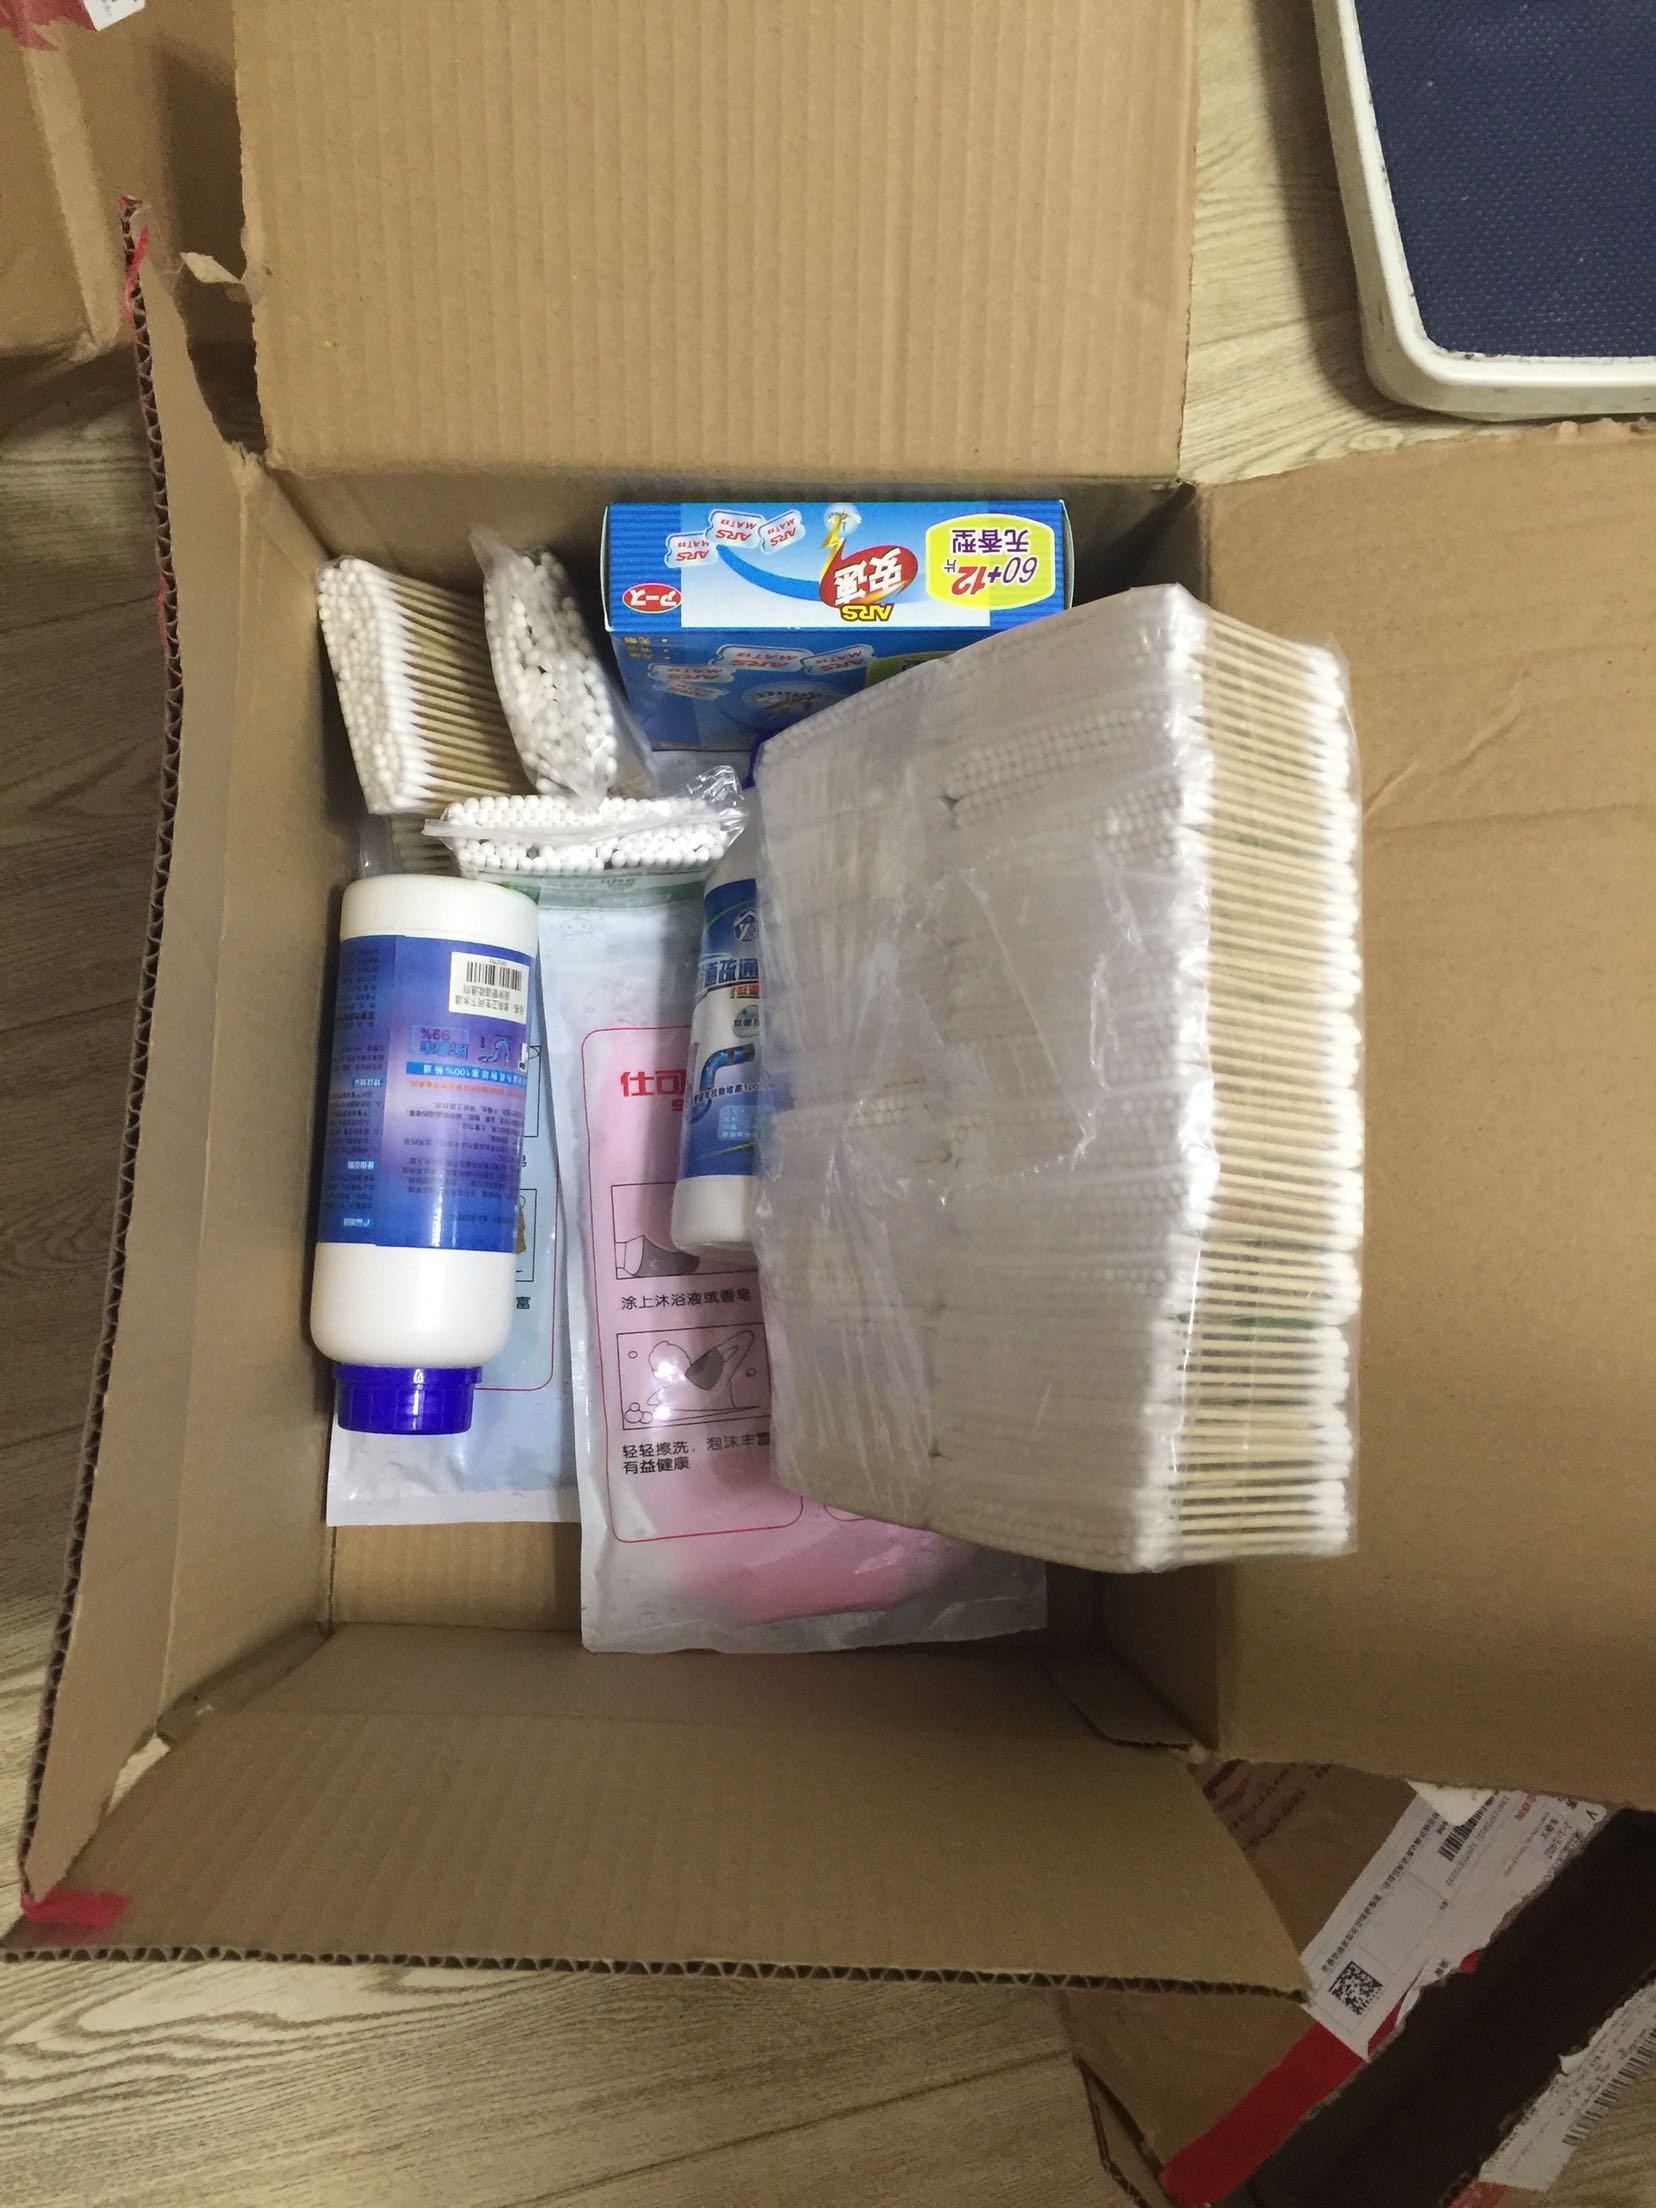 cheap air max 95 size 13 00246707 clearance